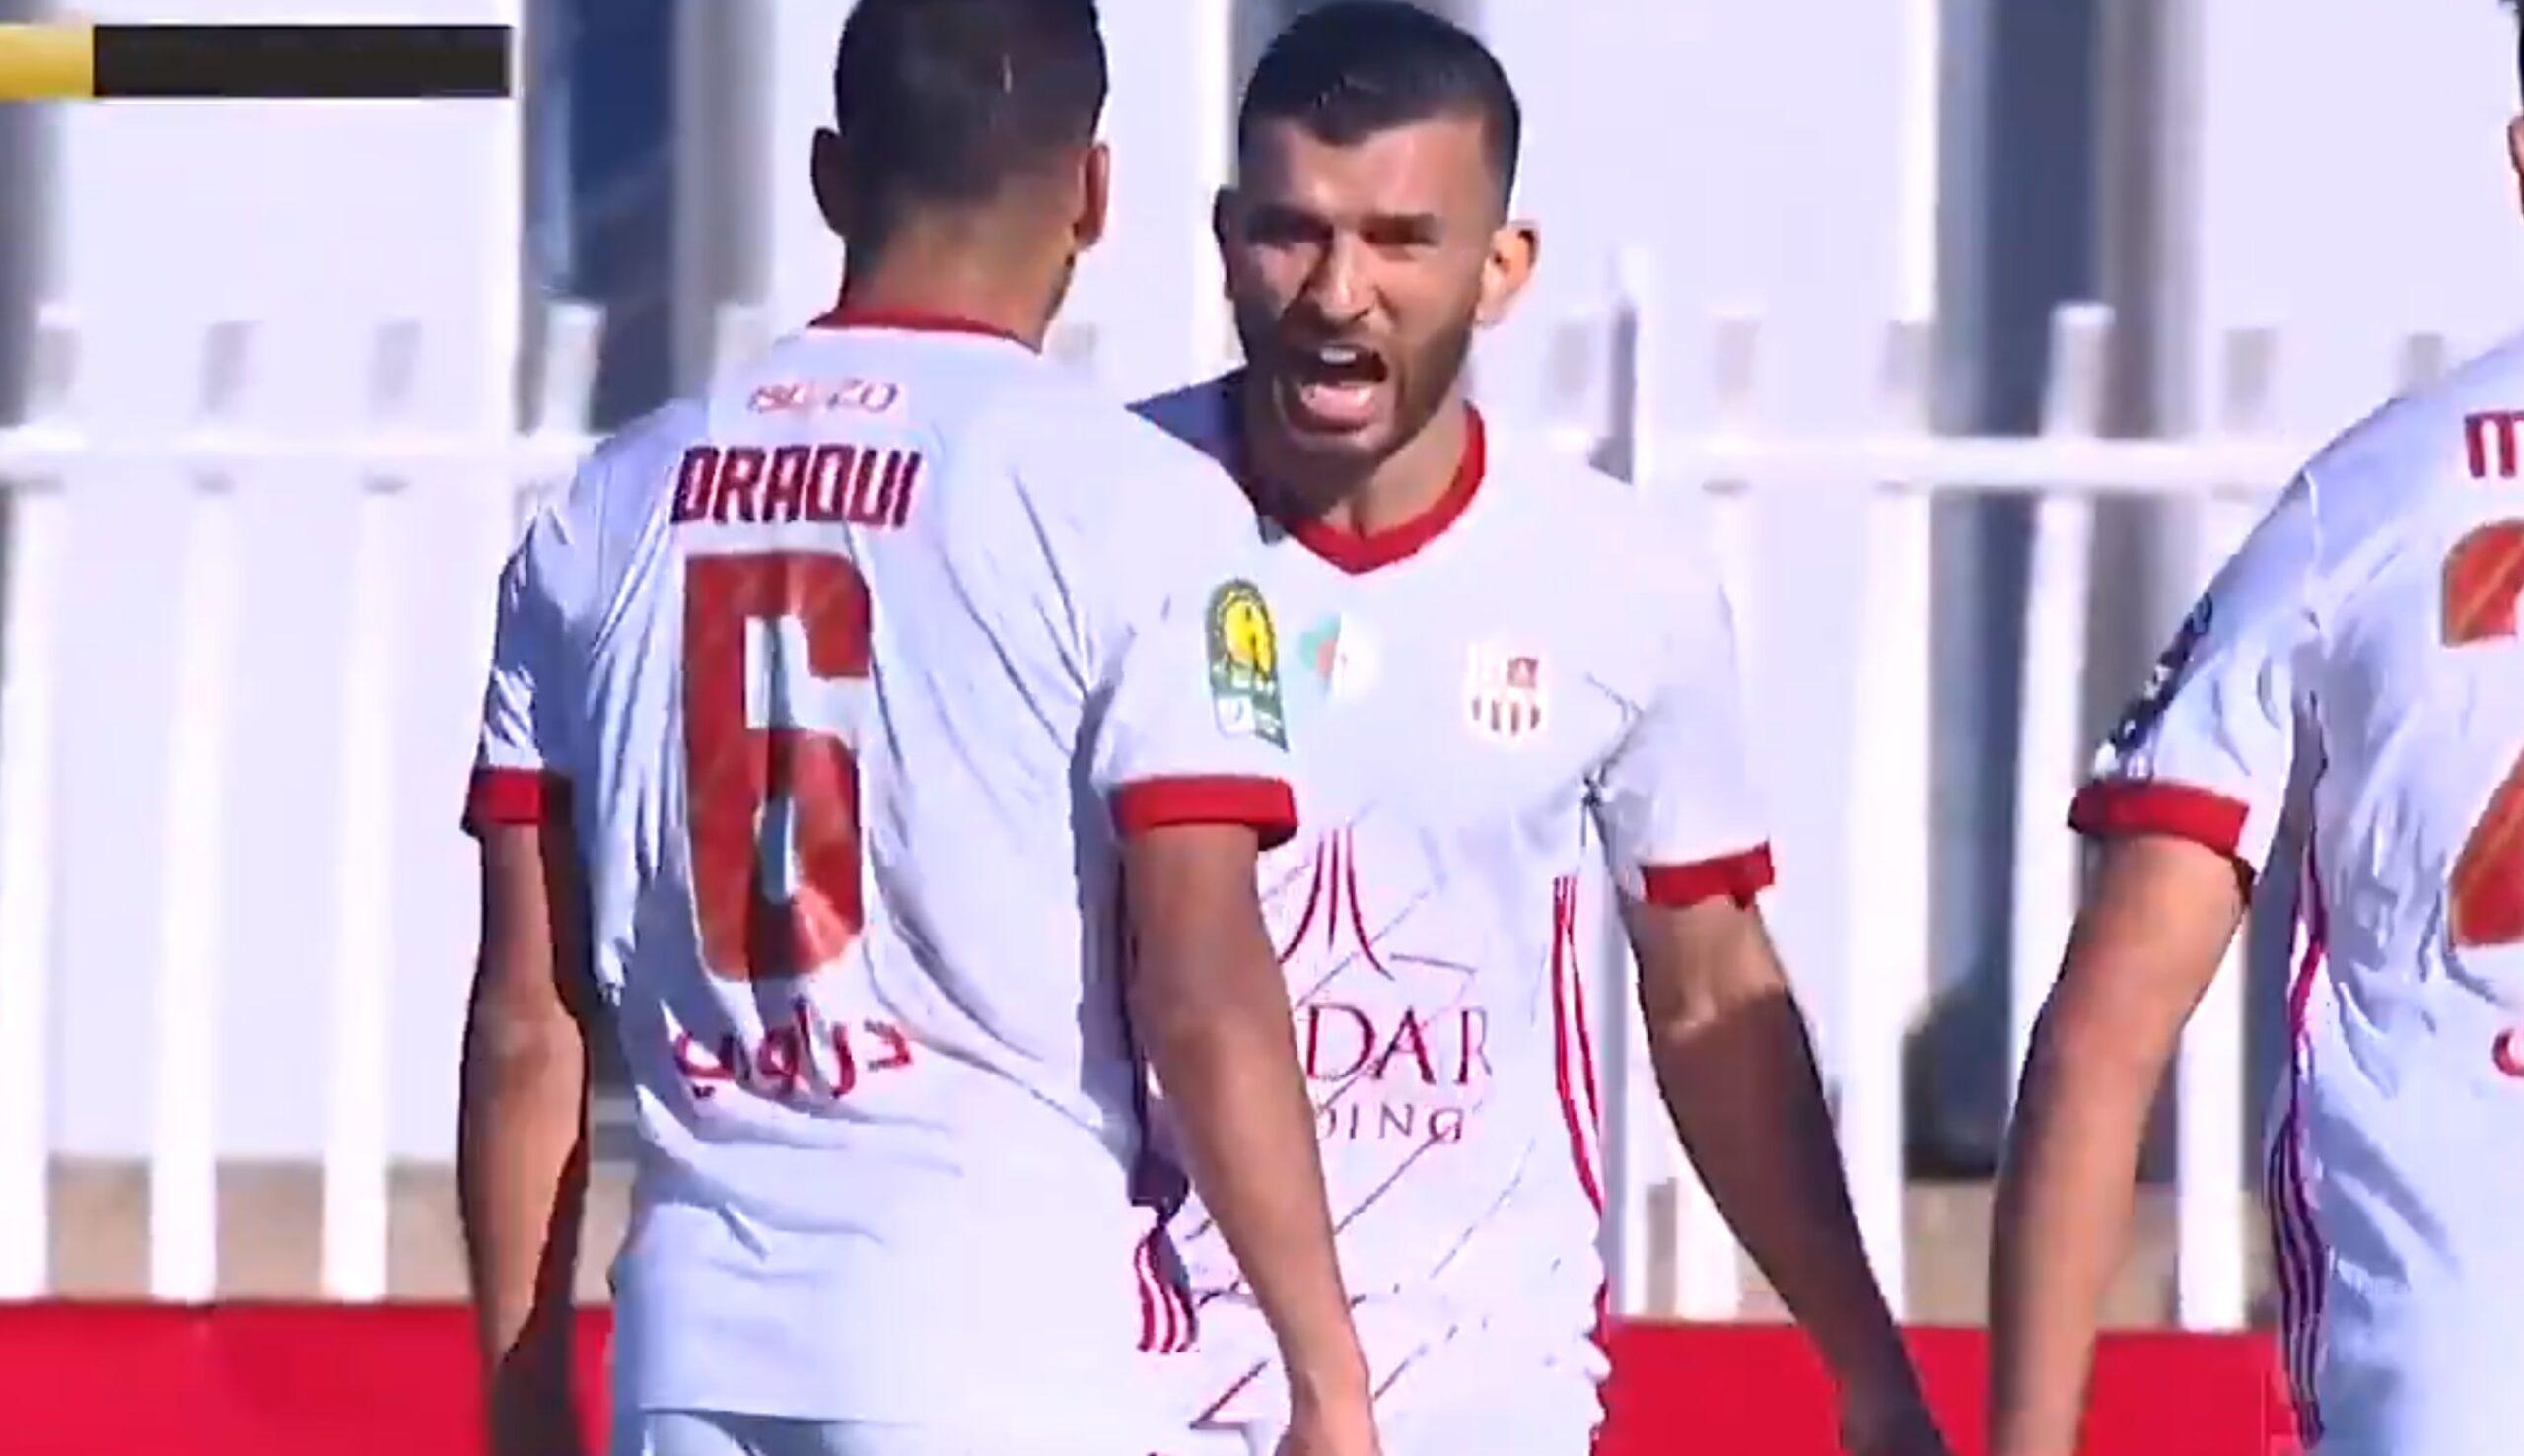 CAF CL : Le CRB s'impose et prend une option pour les demis - Algérie